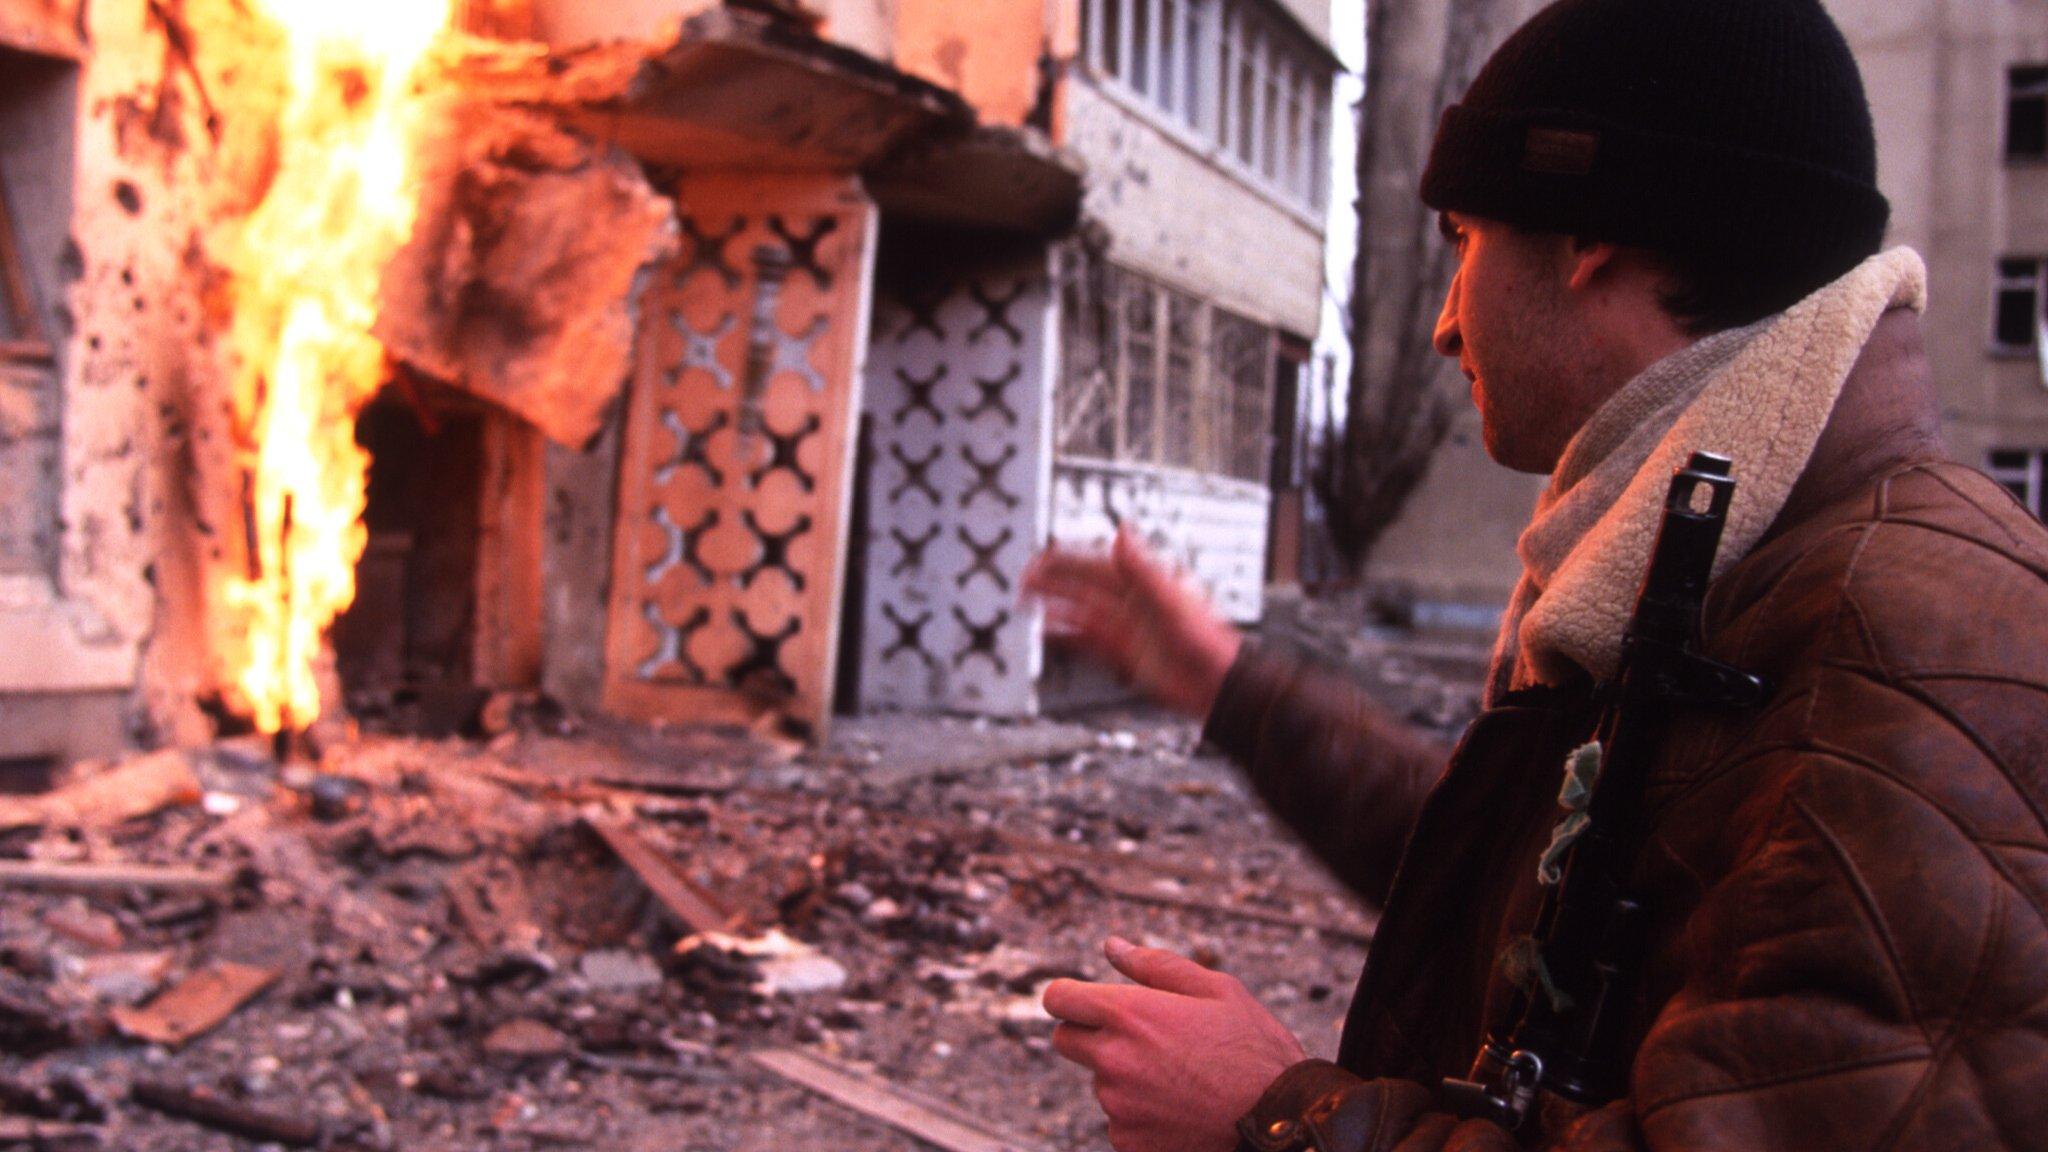 Дайджест: 25 лет с начала войны в Чечне, нобелевский лауреат в Гааге и ложь об Афганистане